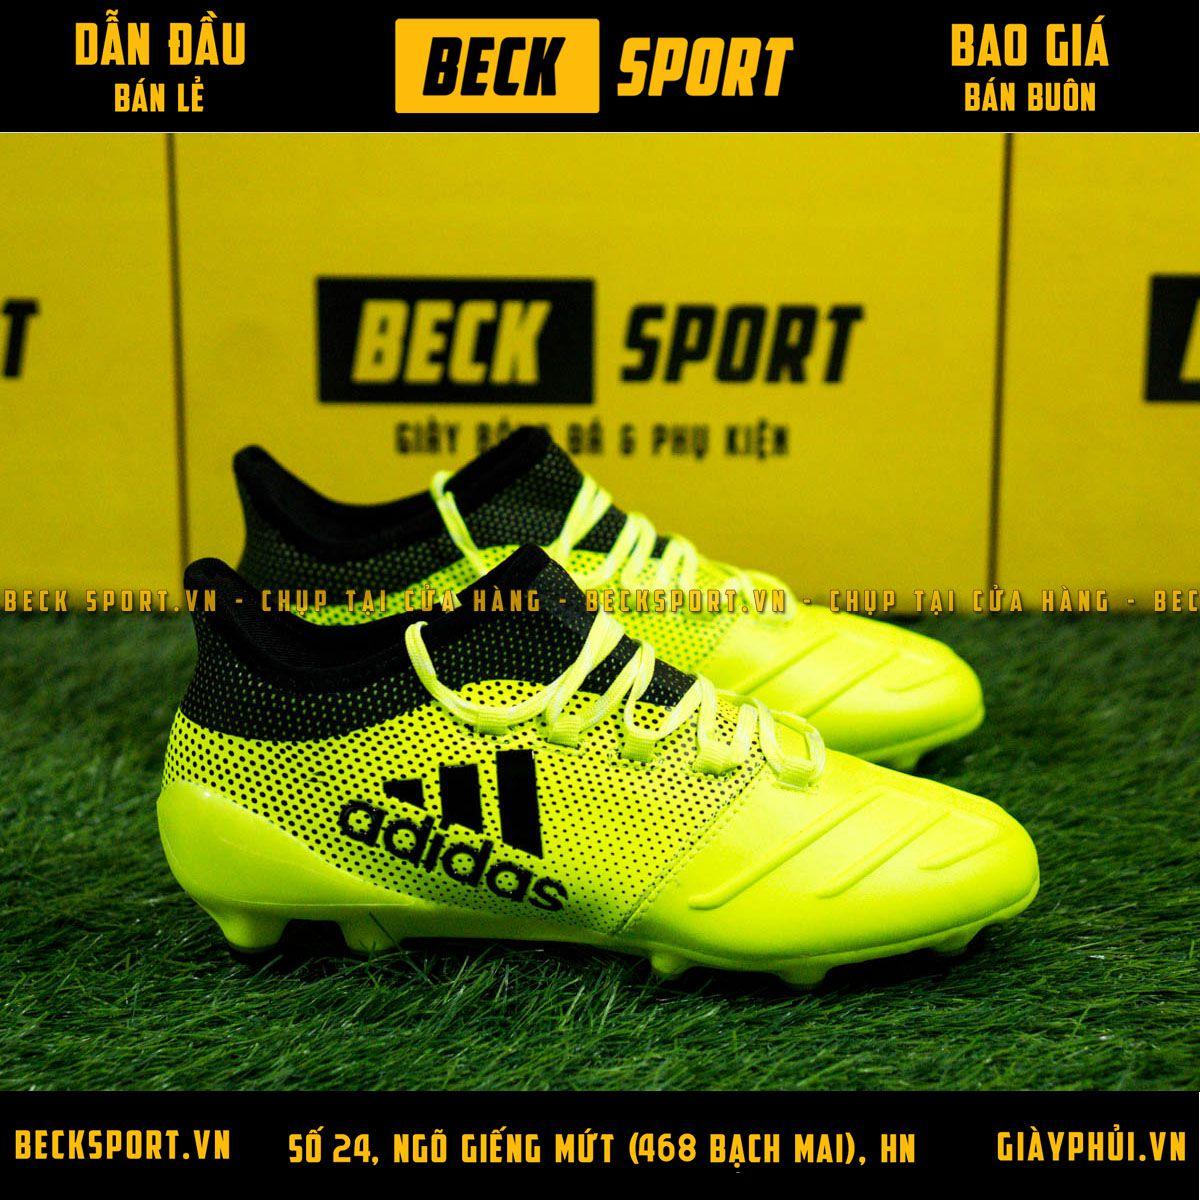 Giày Bóng Đá Trẻ Em Adidas X 17.3 Nõn Chuối Chấm Bi Đen FG